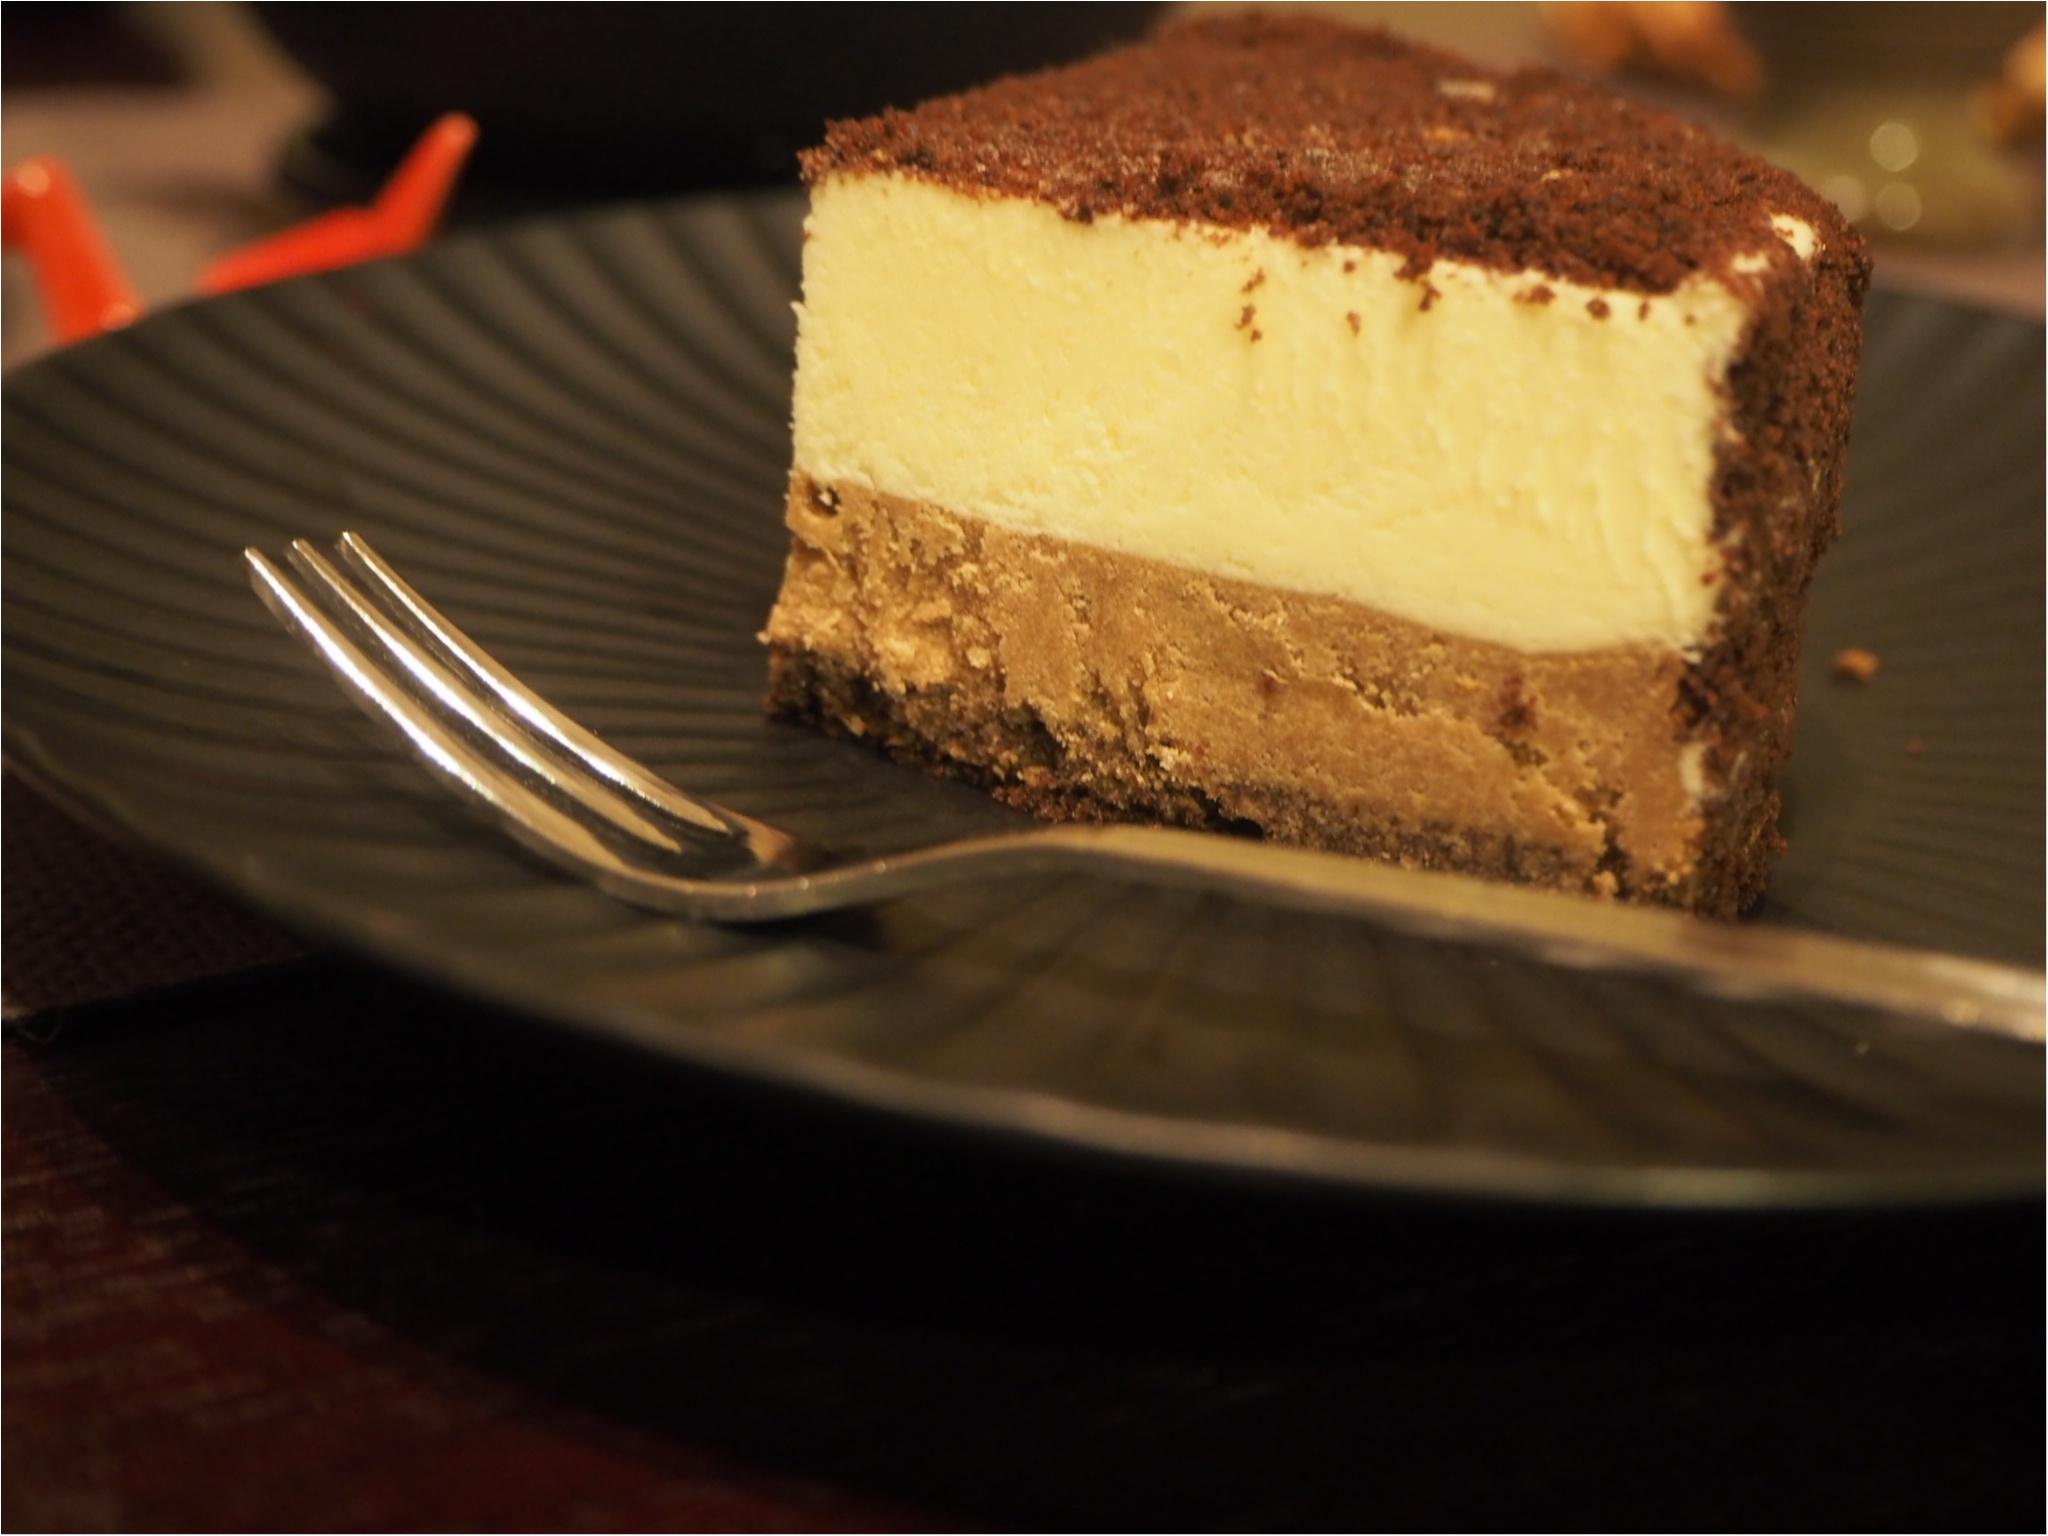 【バレンタインデー直前】彼と2人で食べたいチョコレートは1つで2度楽しめるコレに決定♪_5